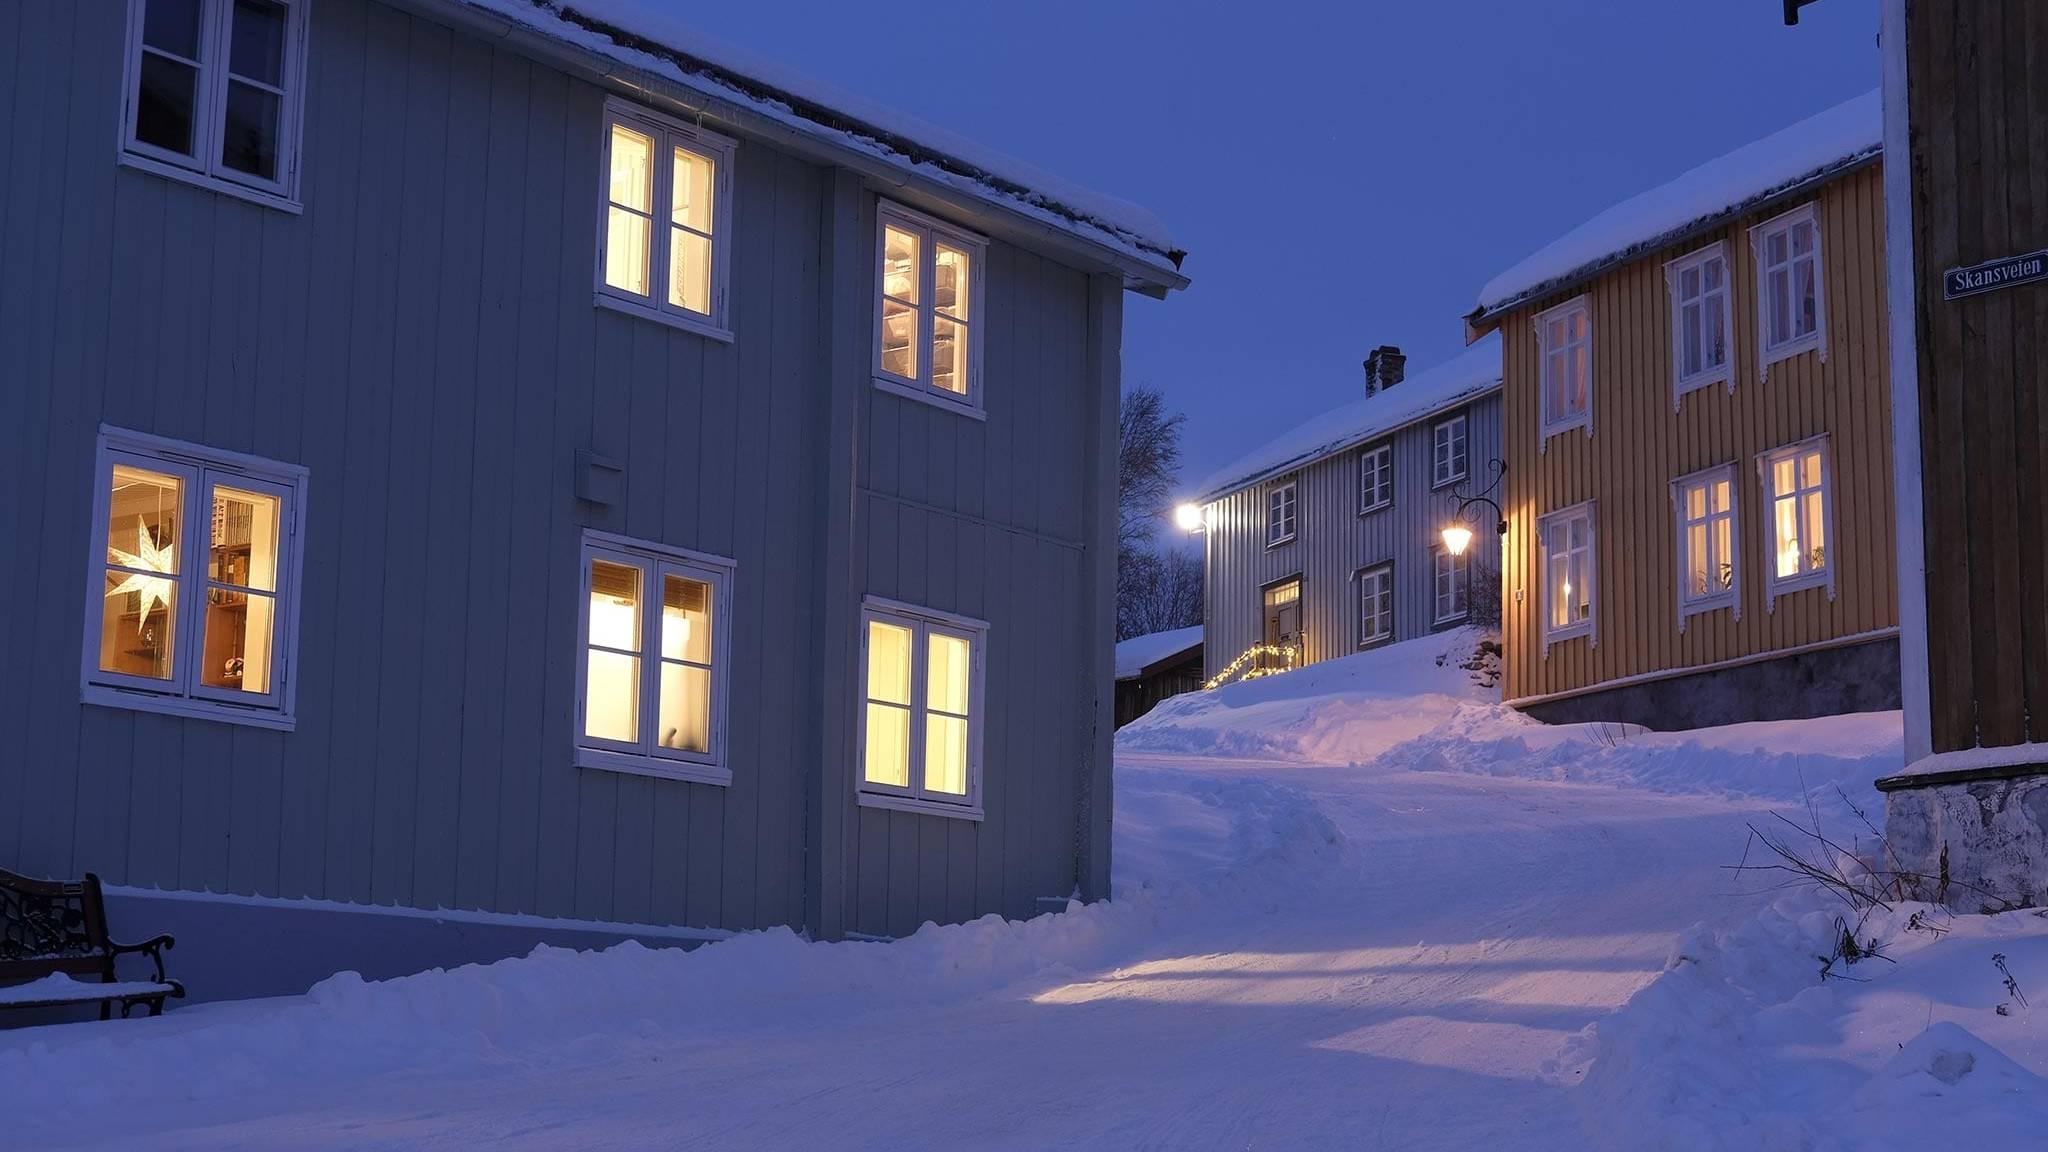 Skansveien på Røros. Foto: Tom Gustavsen